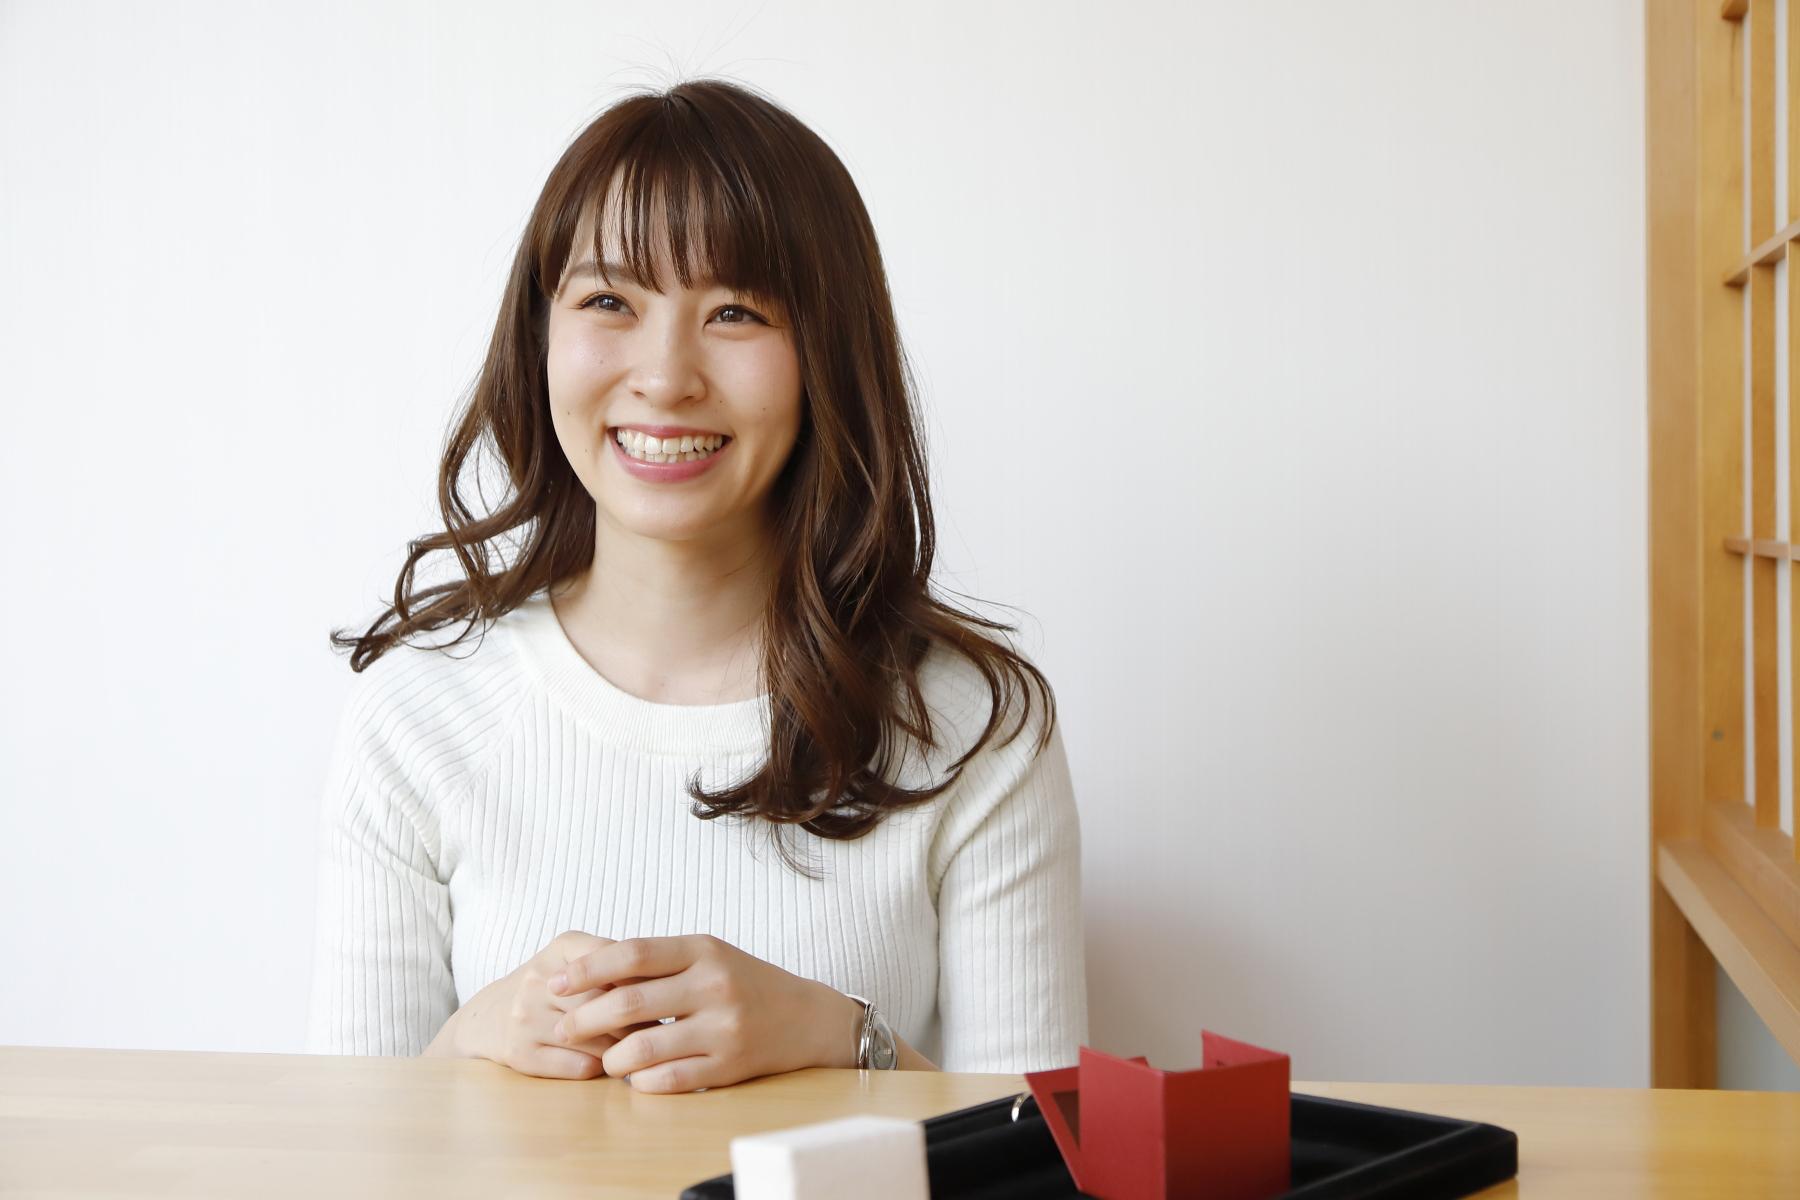 佐藤真瑚様 インタビュー